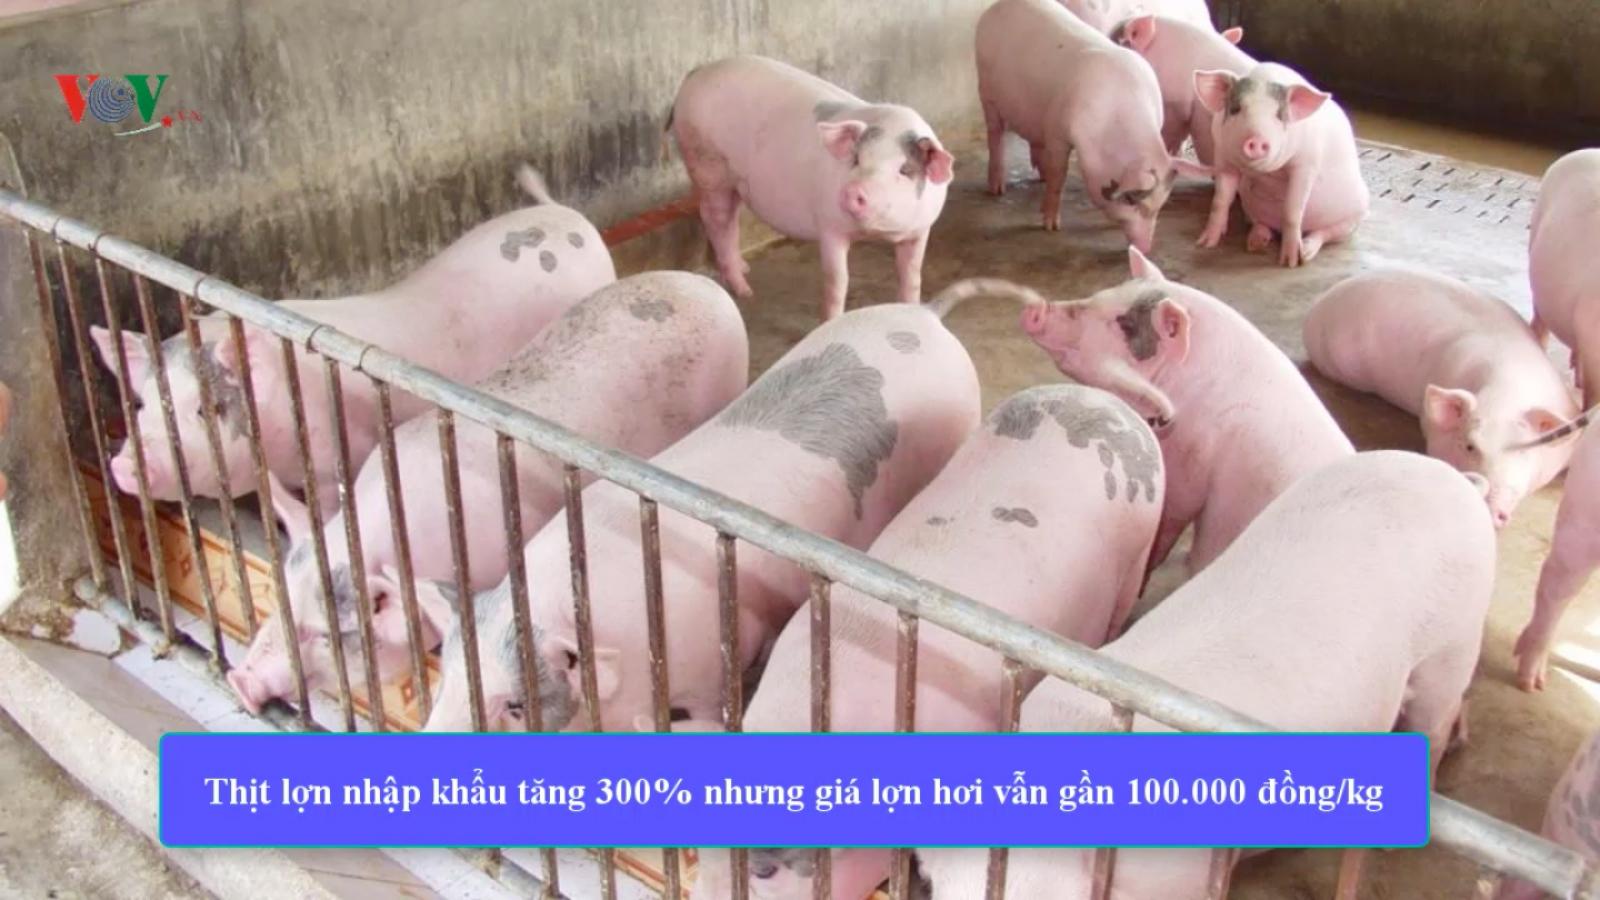 Thịt lợn nhập khẩu tăng 300%, giá lợn hơi vẫn tiến sát 100.000 đồng/kg